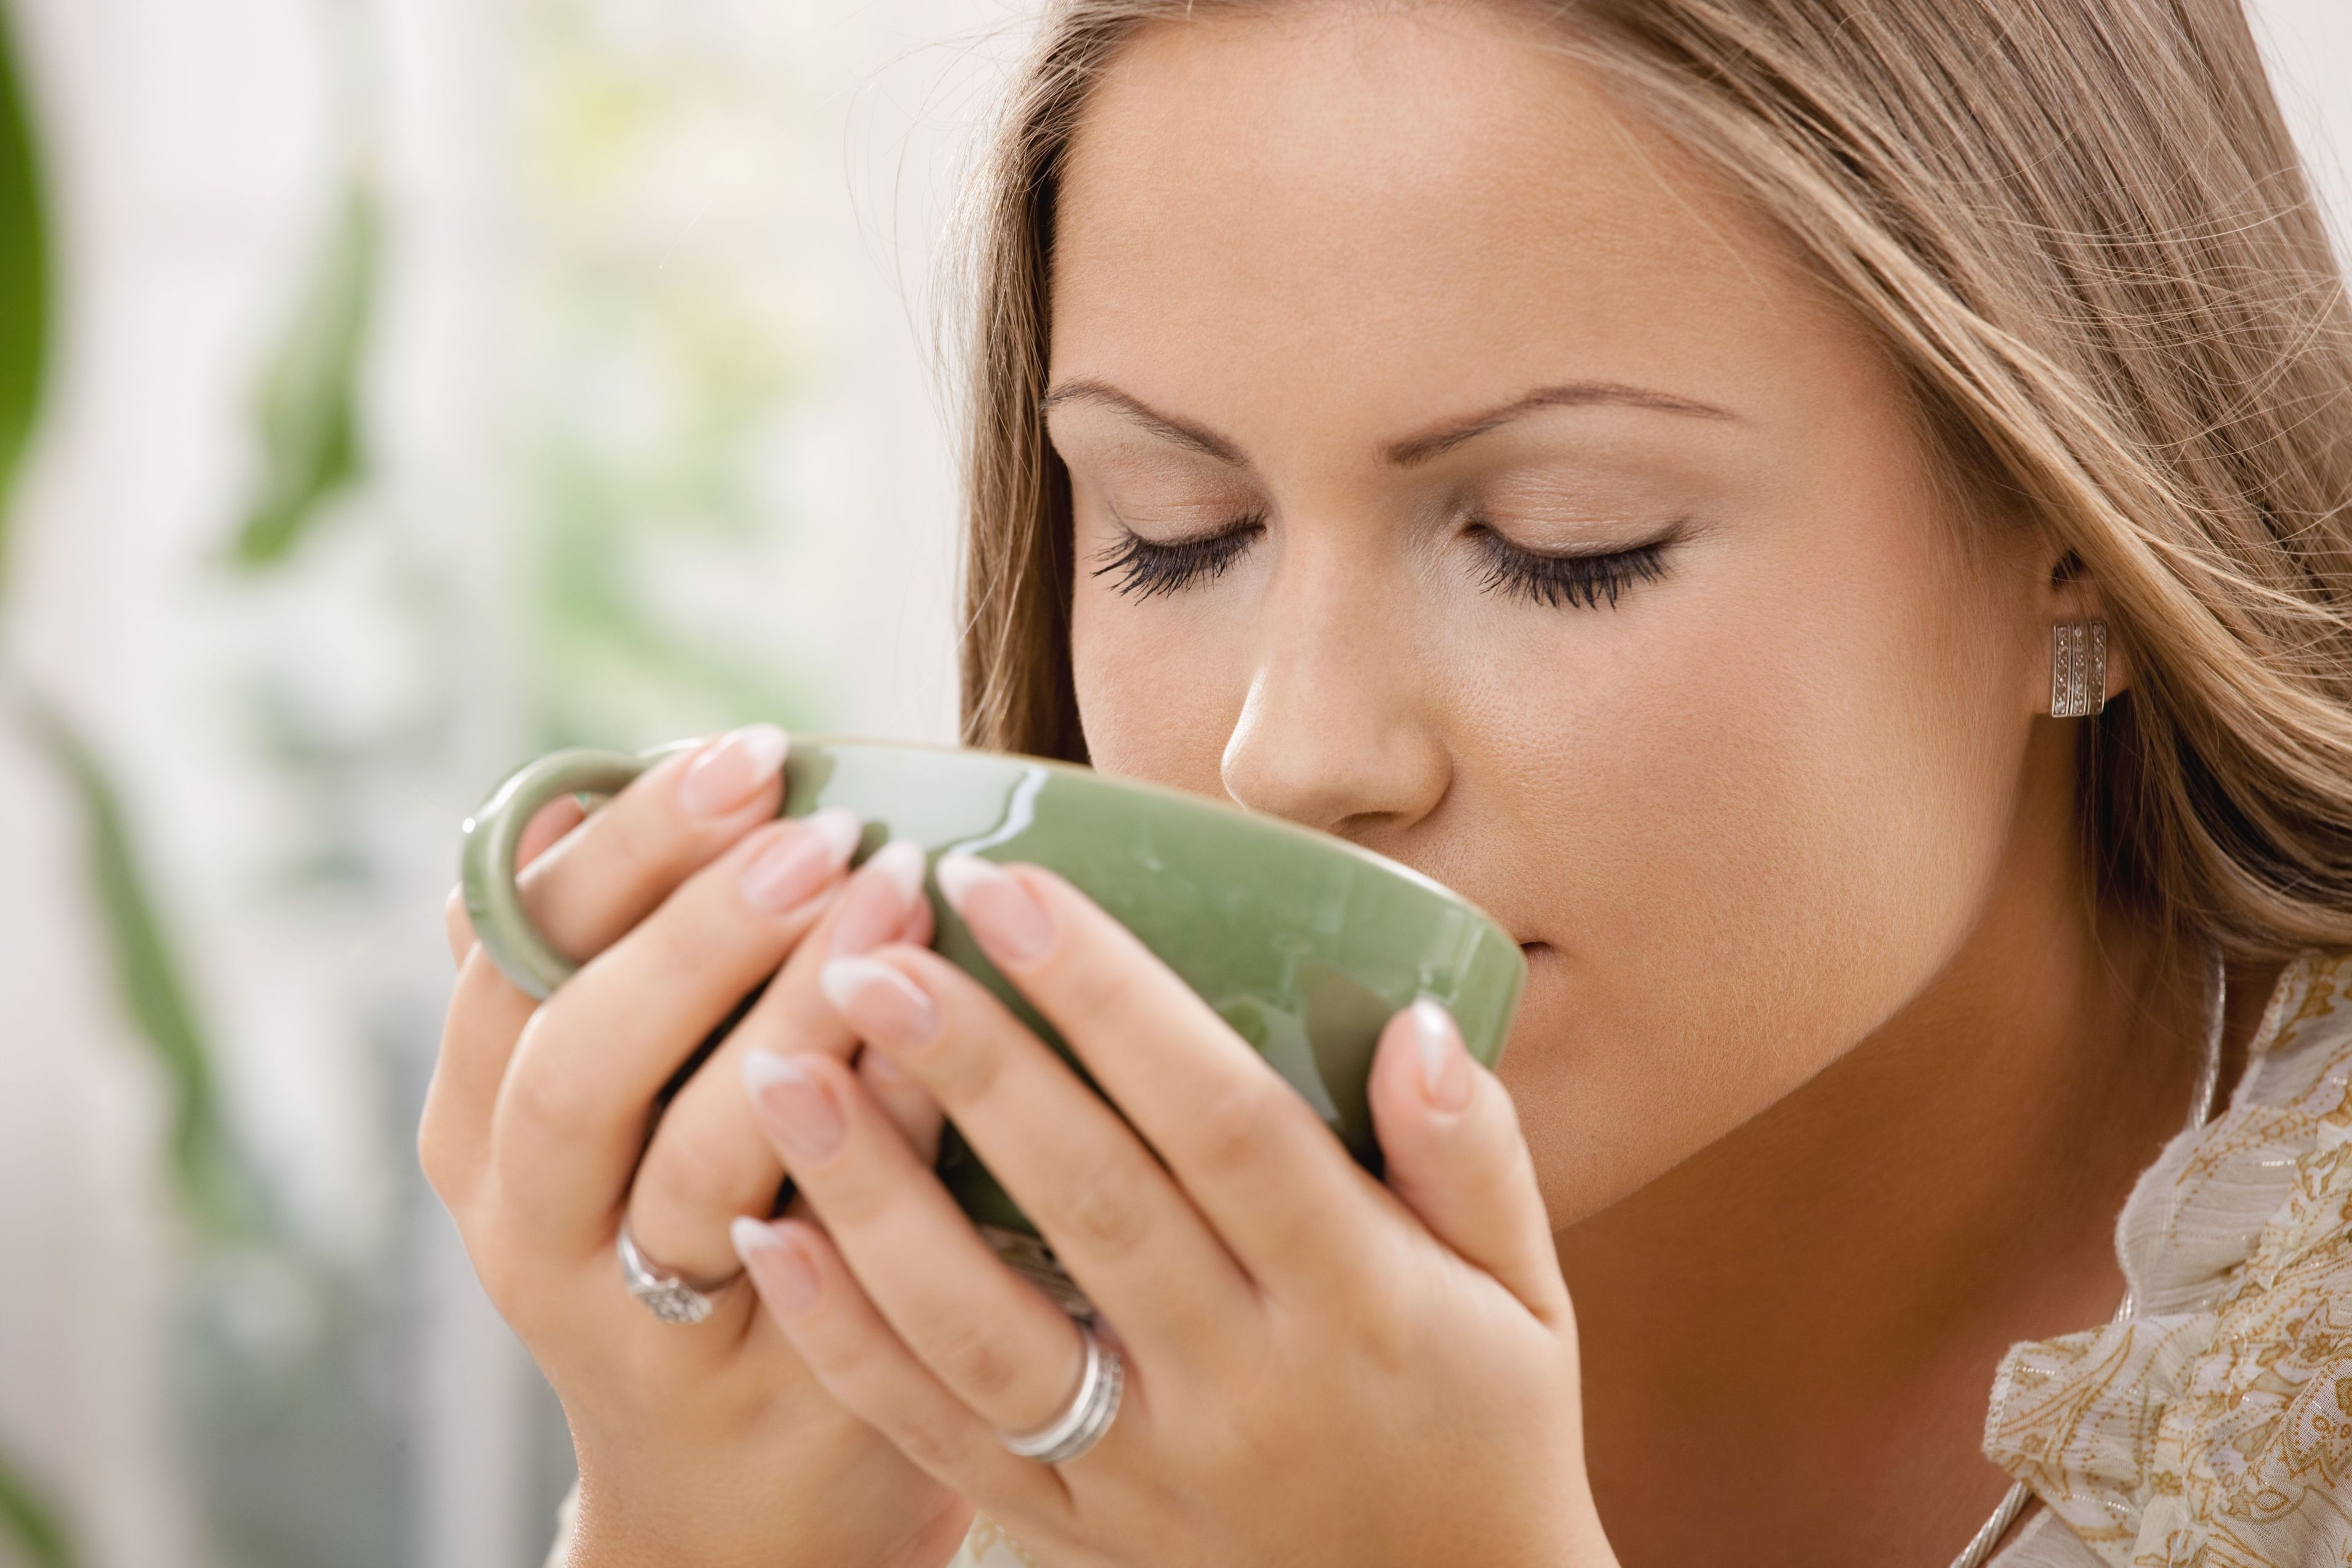 лечение мастопатии народными методами